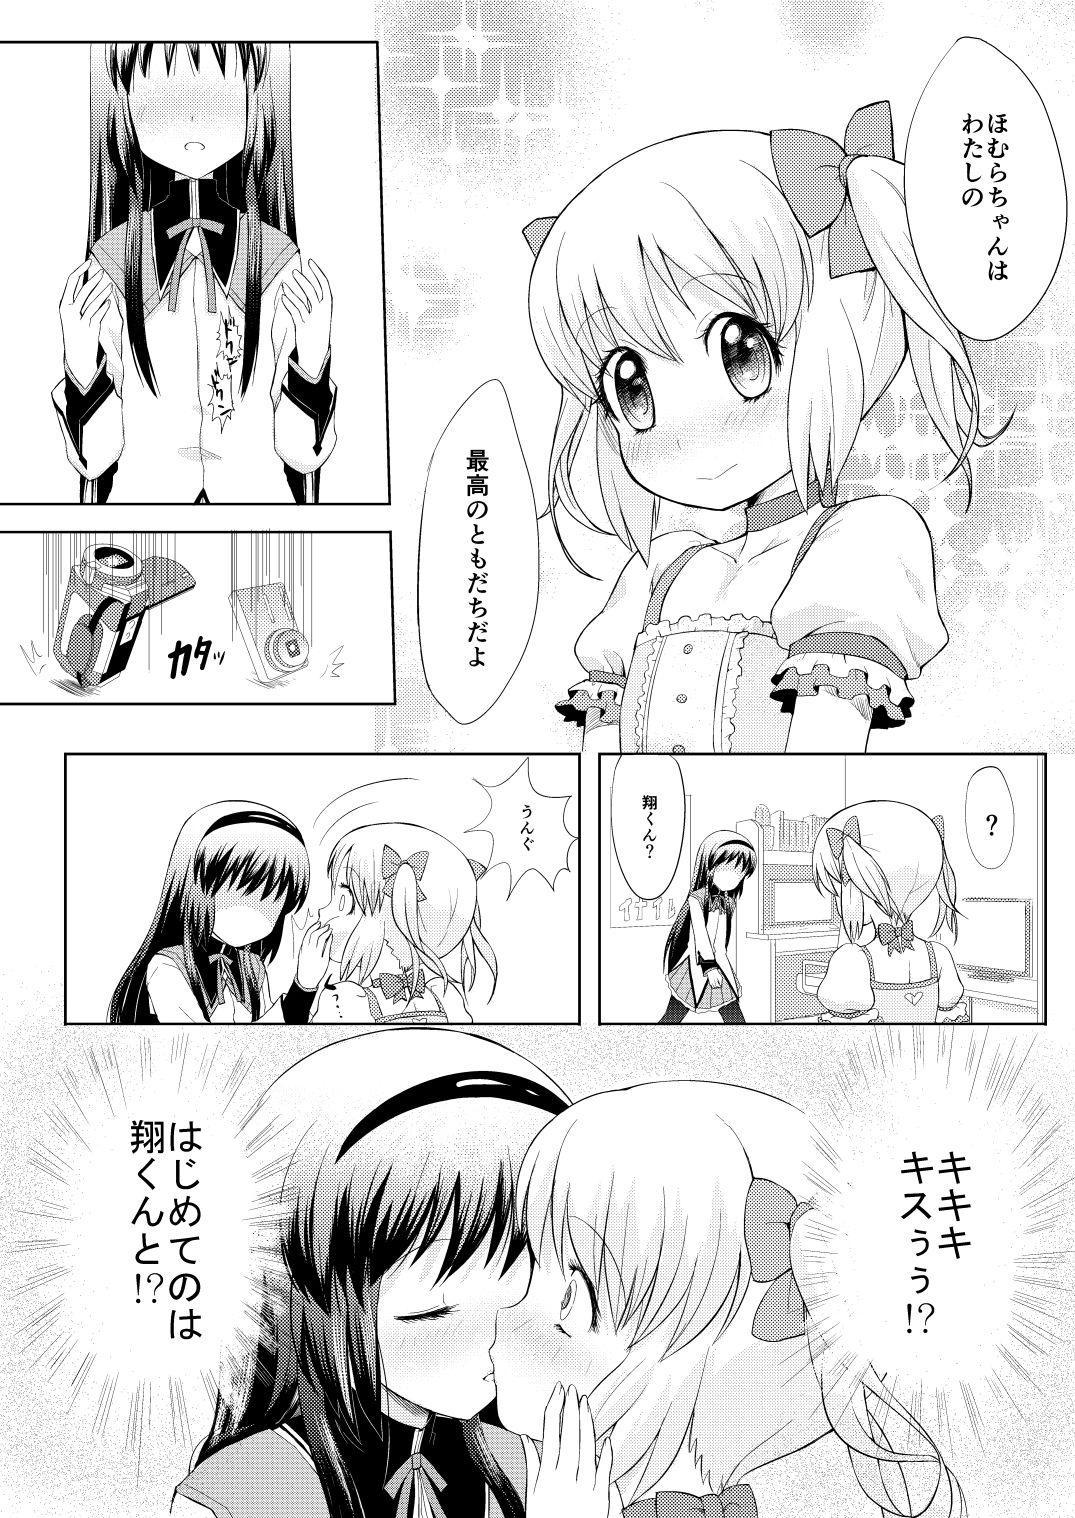 Otokonoko Cosplay Manga Desu yo 6